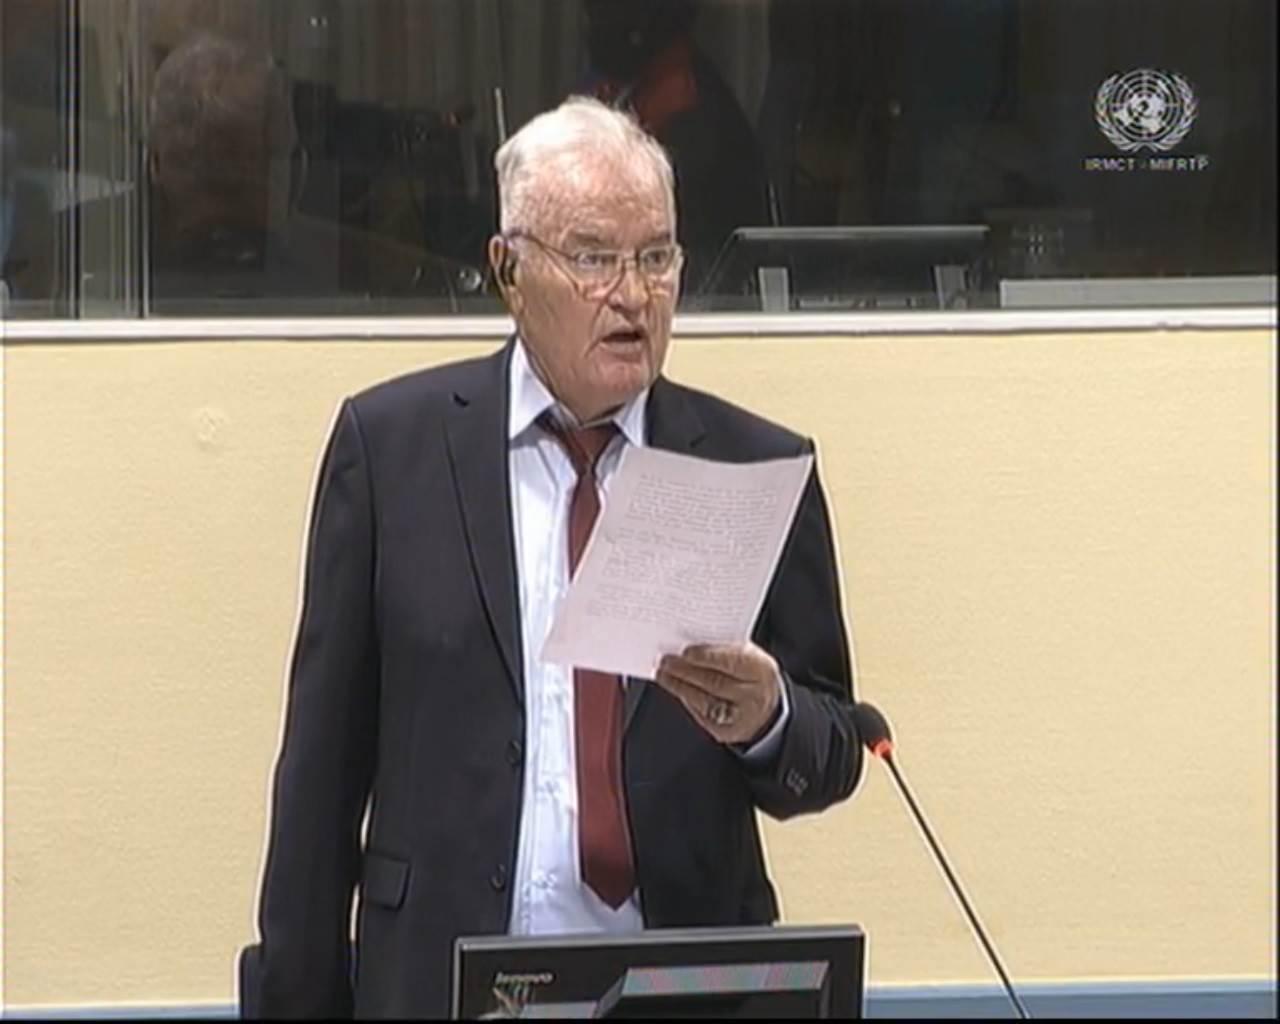 Statusna konferencija u predmetu Ratka Mladića zakazana za početak oktobra